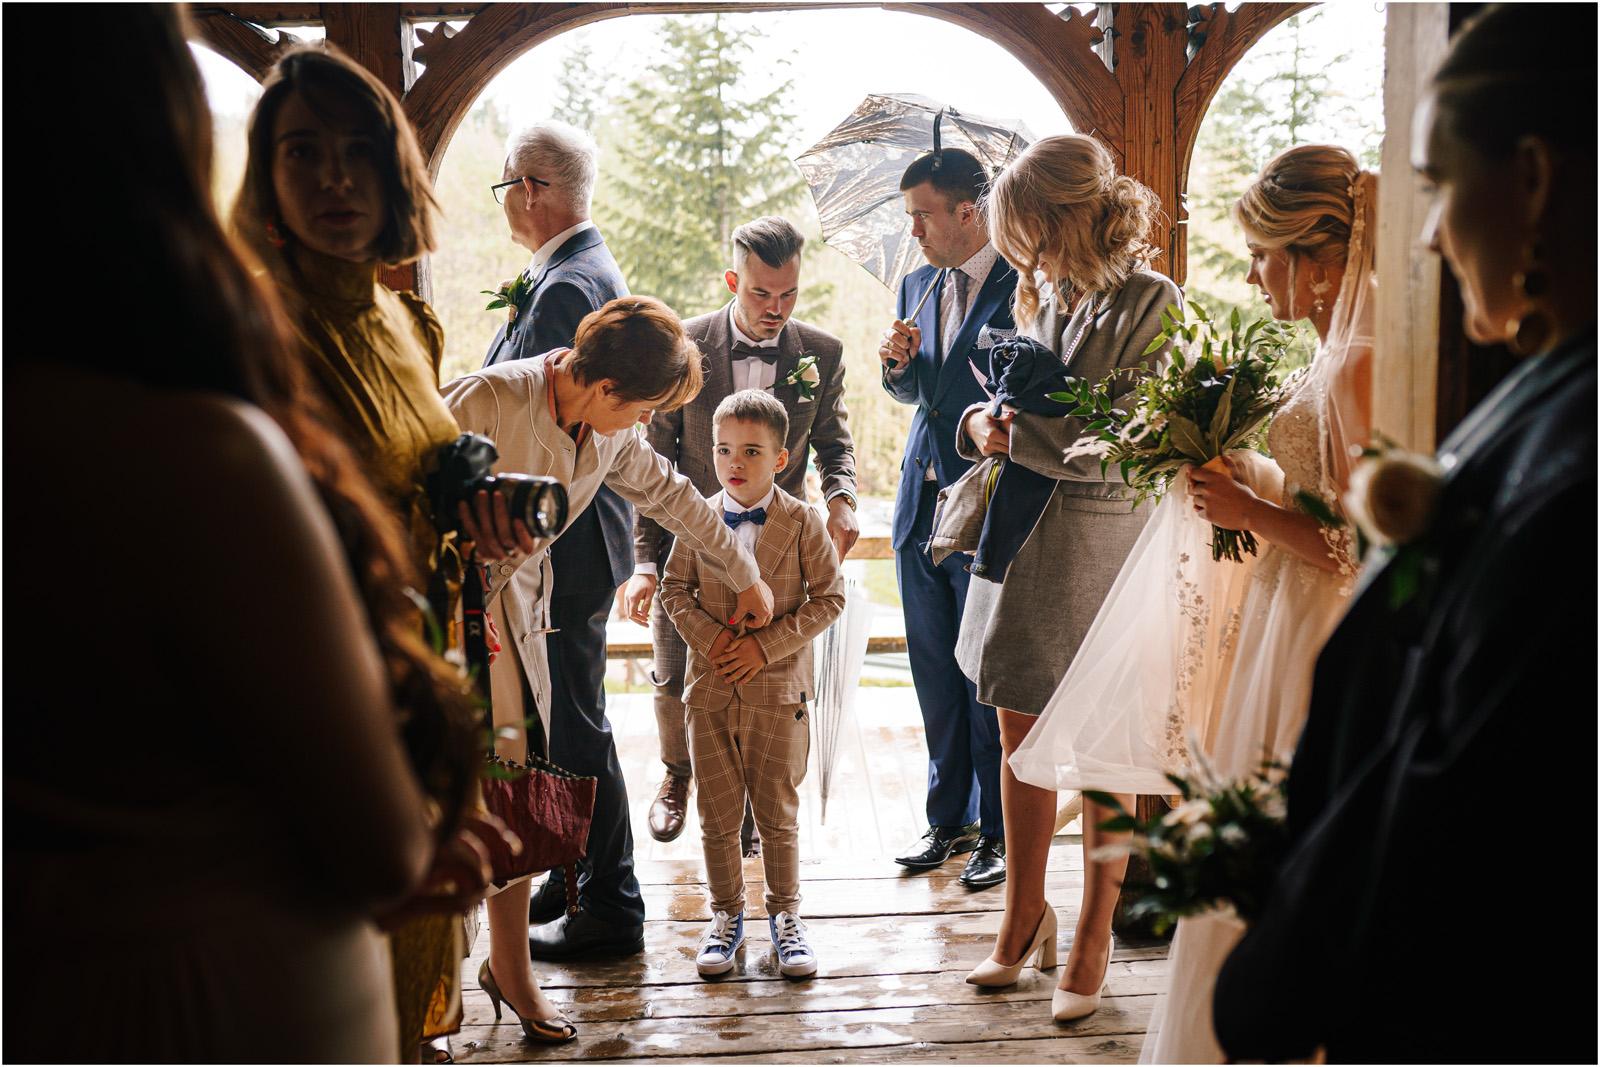 Amanda & Błażej | ślub i sesja w górach 23